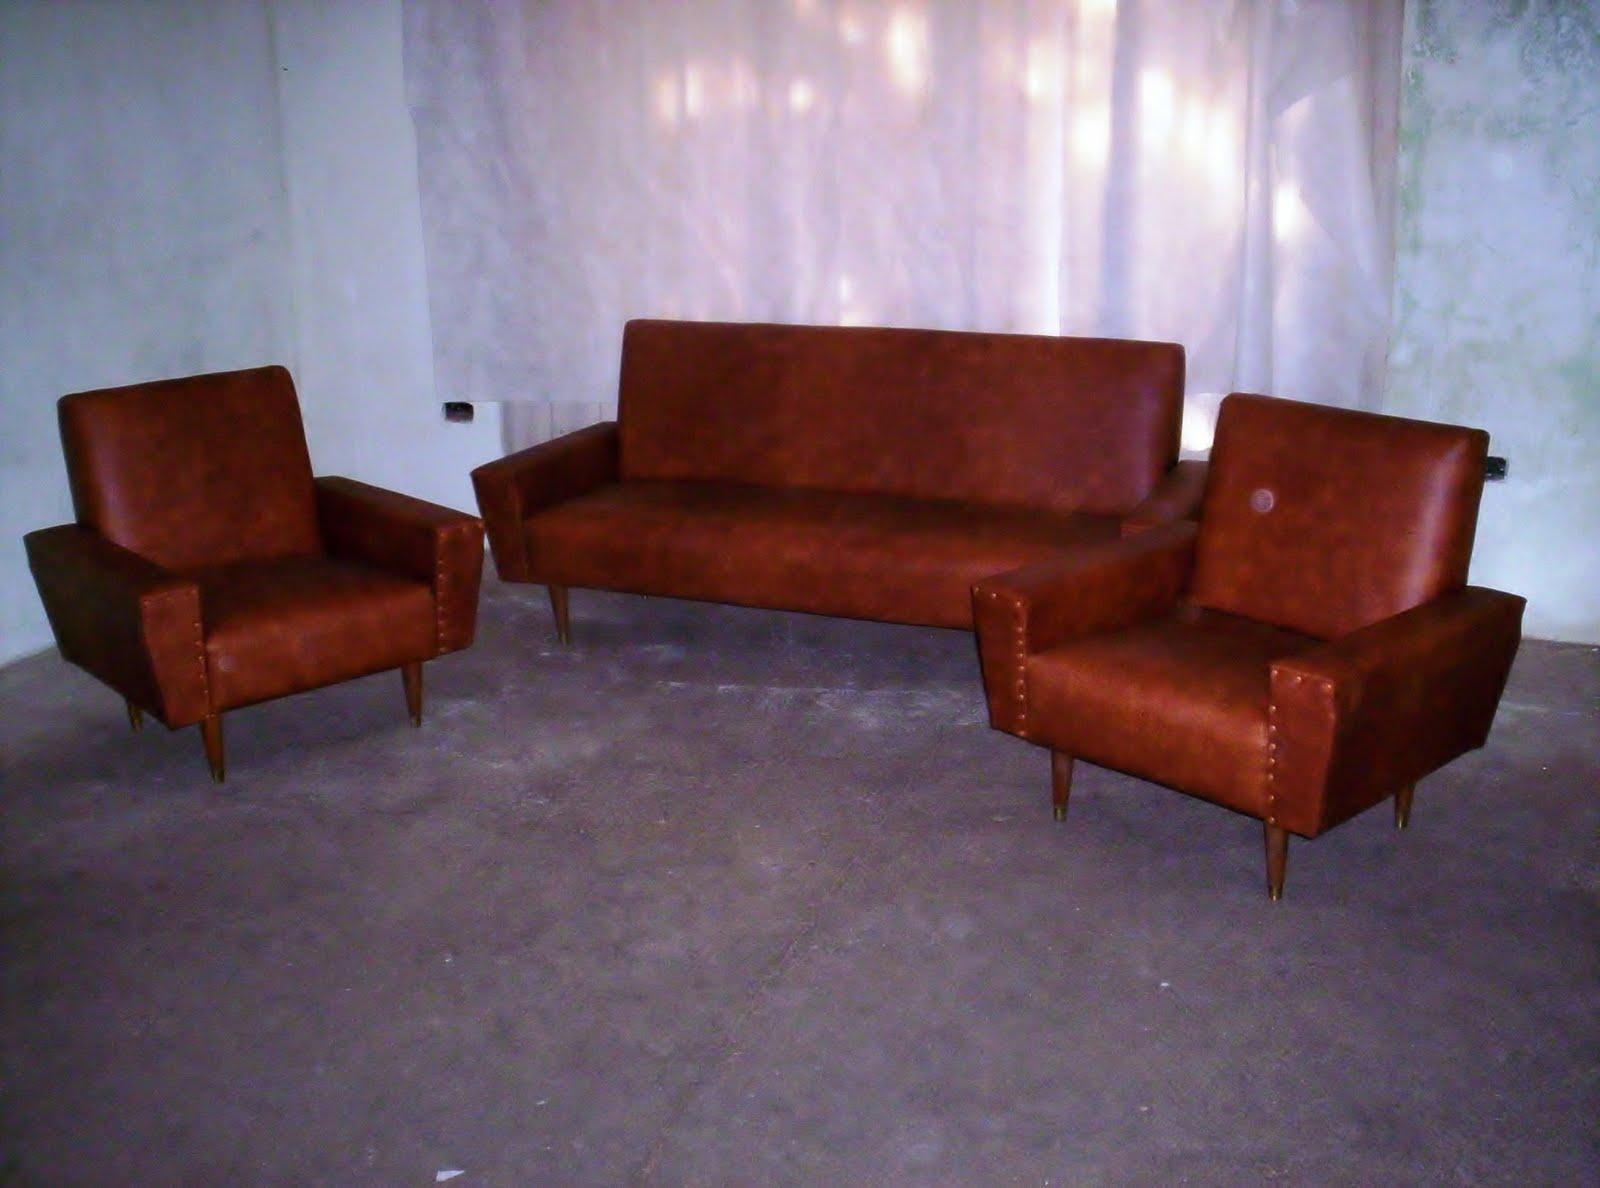 Reciclado de sillas y sillones juego de living americano for Reciclado de sillones